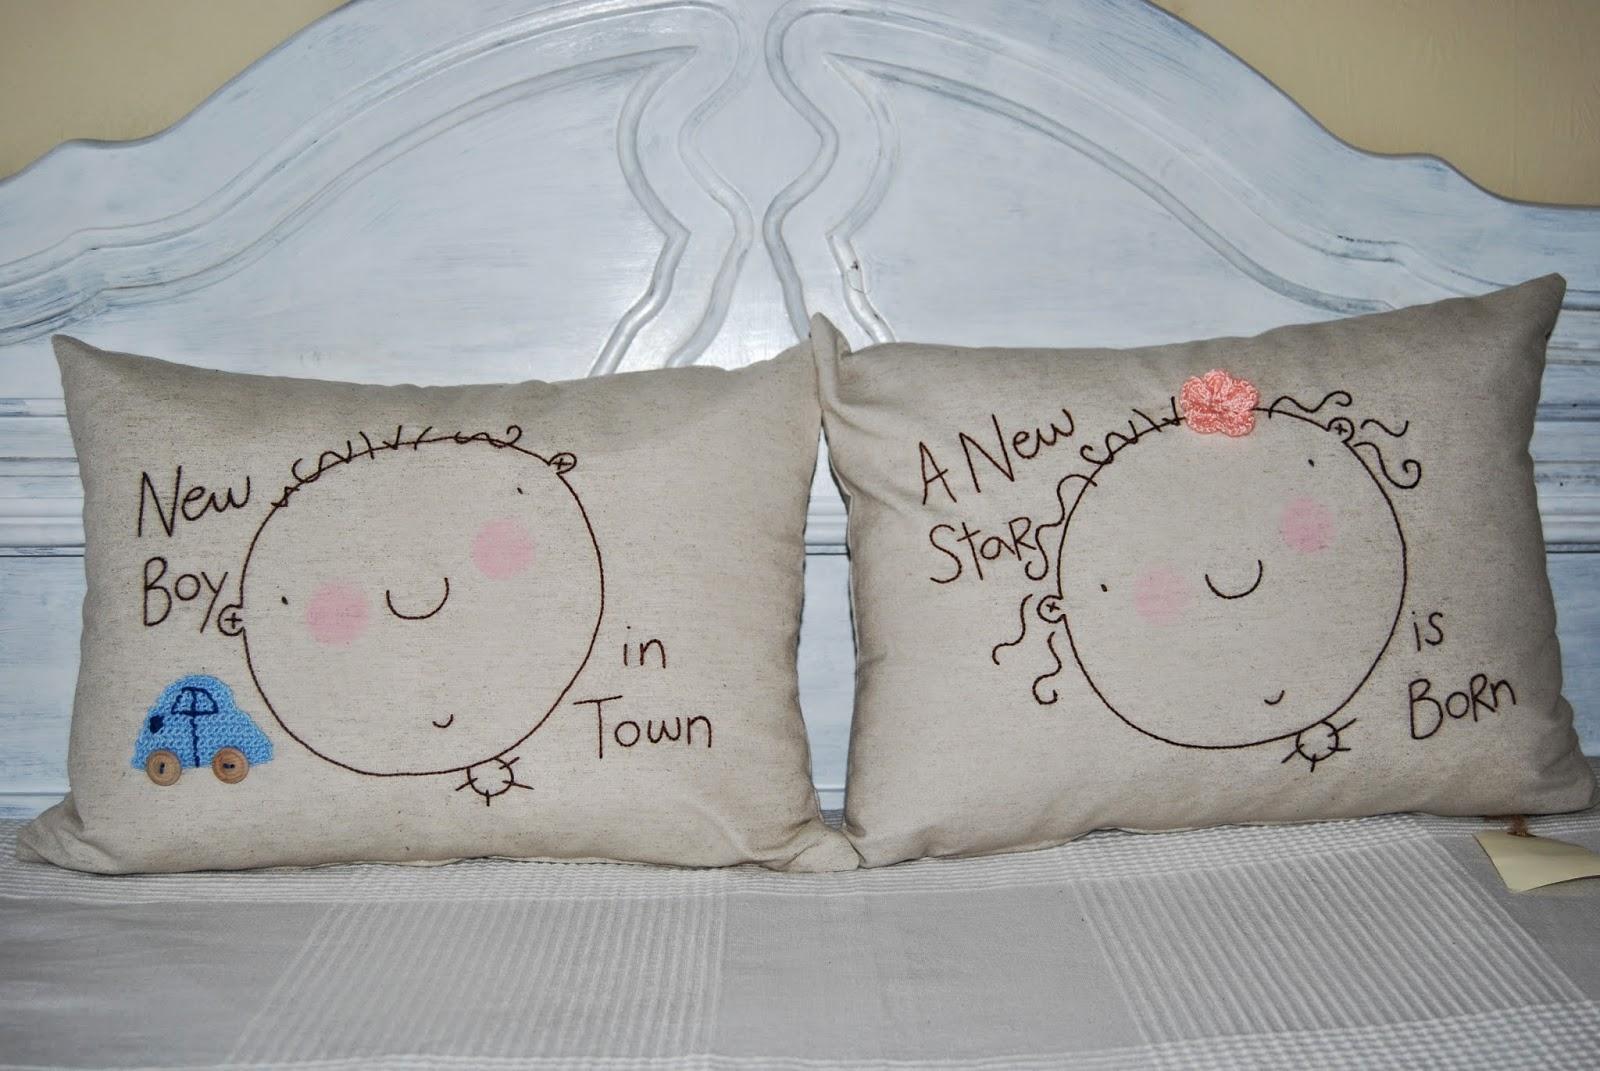 Bolita baby camisetas personalizadas cojines nene y - Cojines de bolitas ...